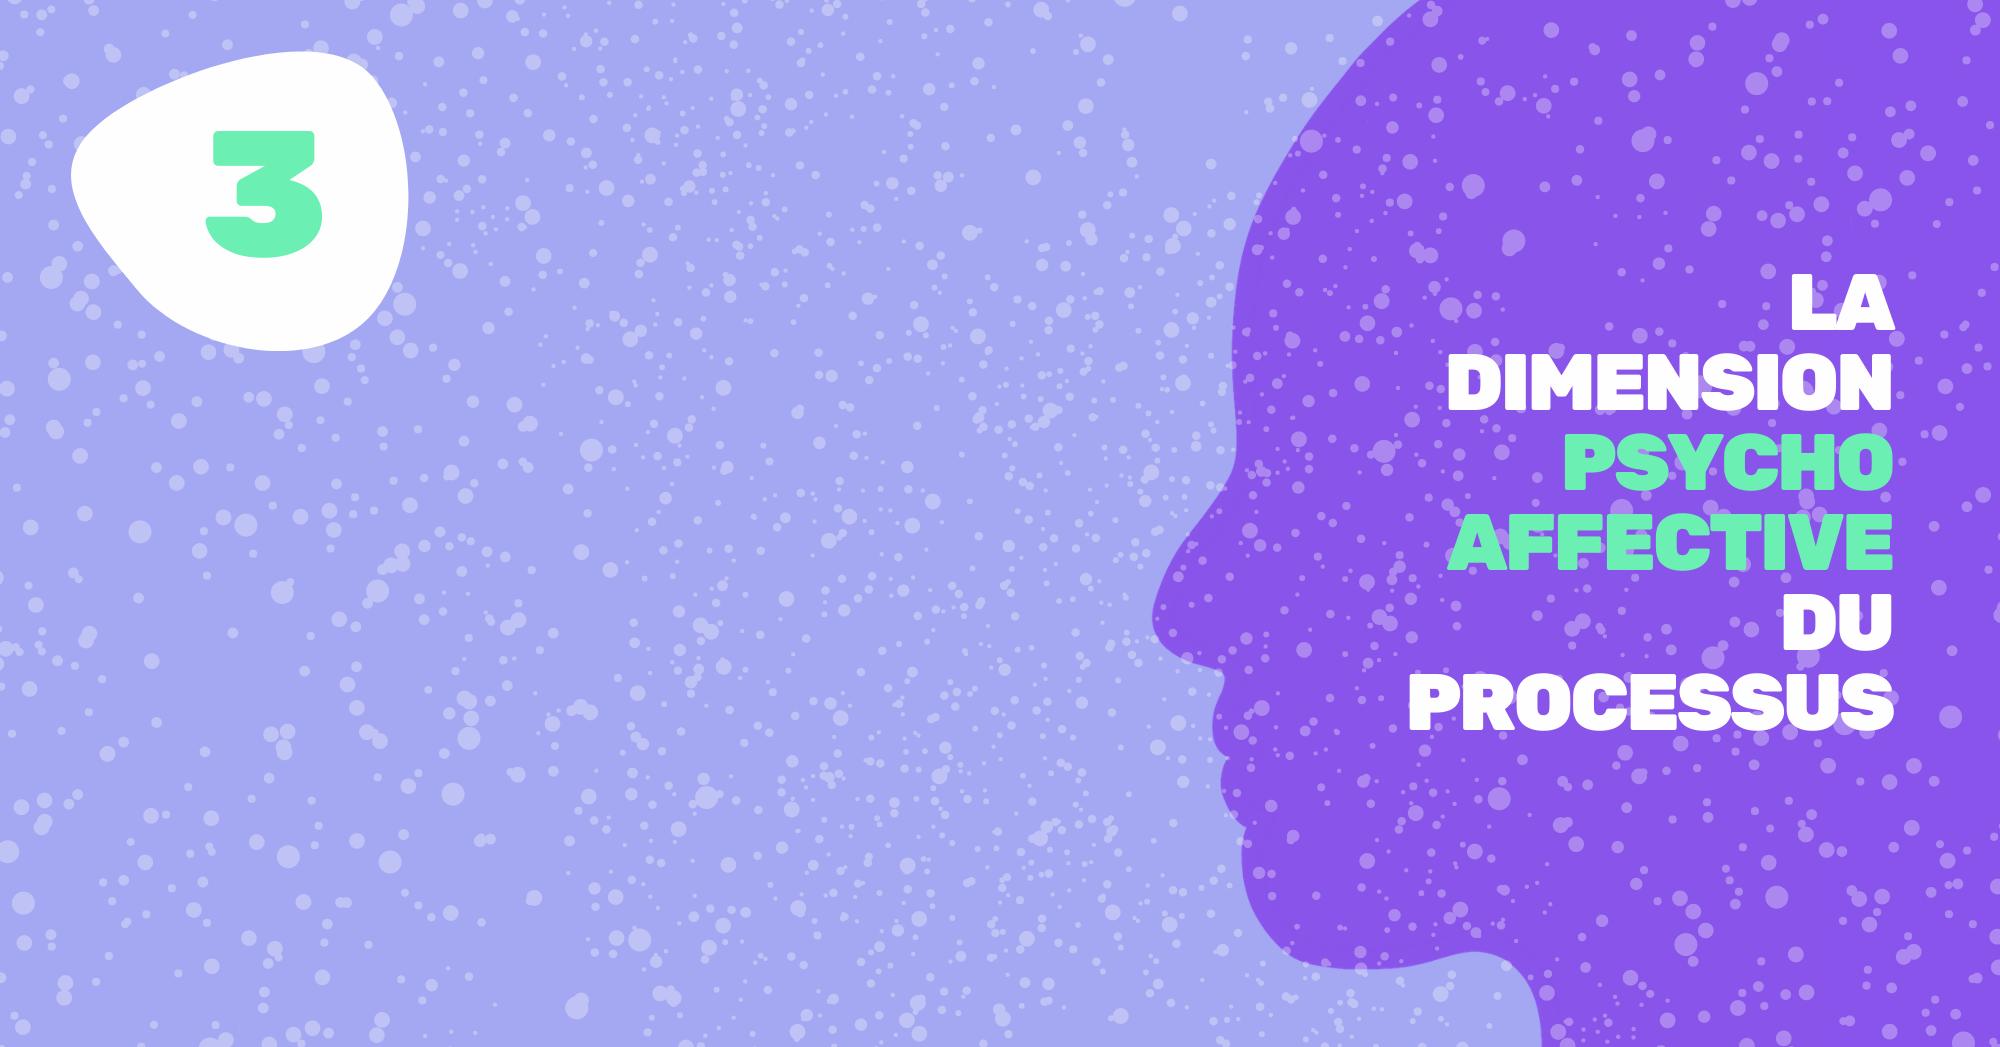 3. LA DIMENSION PSYCHOAFFECTIVE DU PROCESSUS